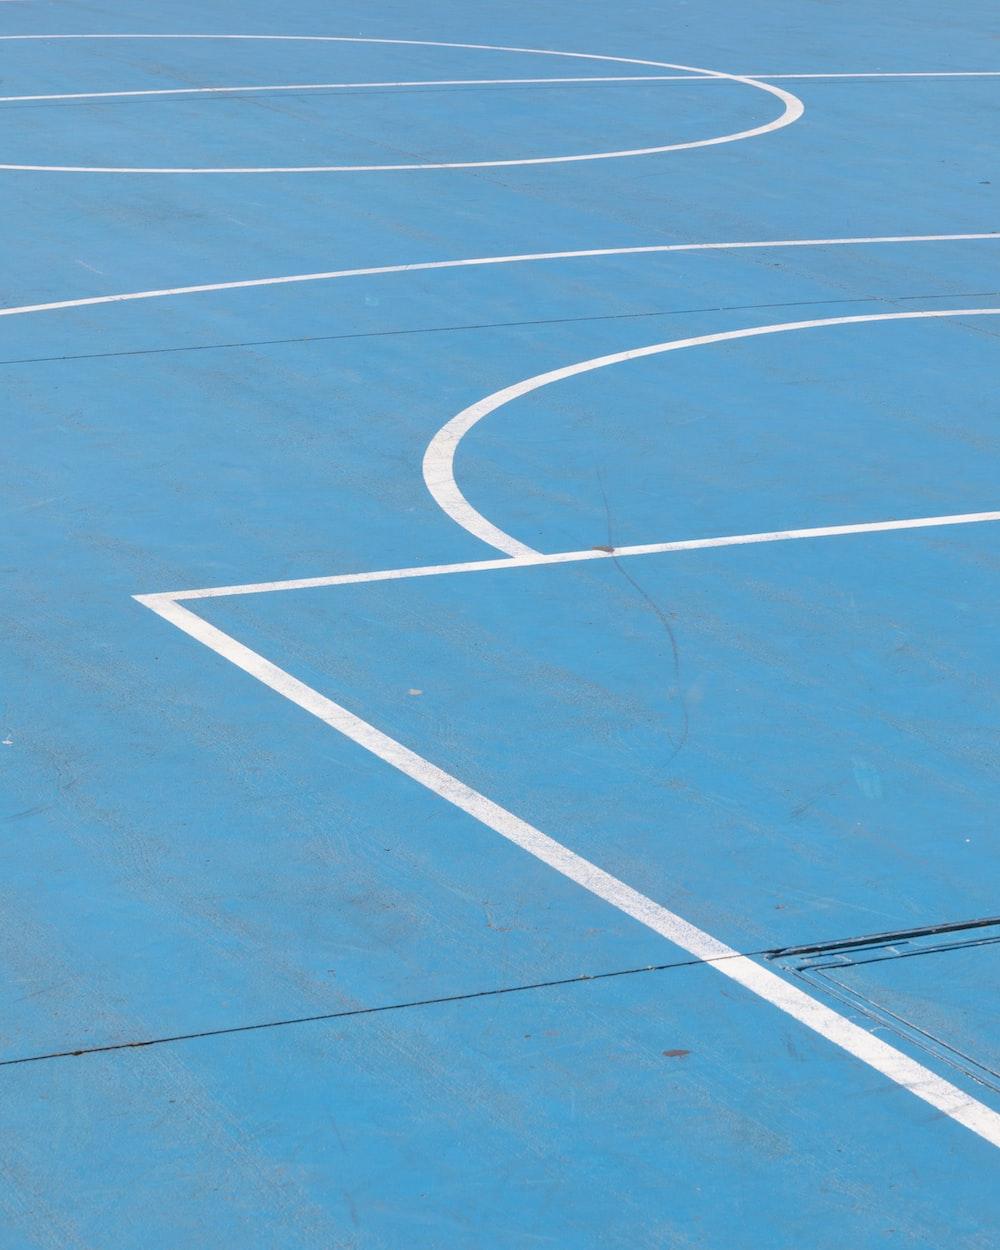 white line on blue basketball floor